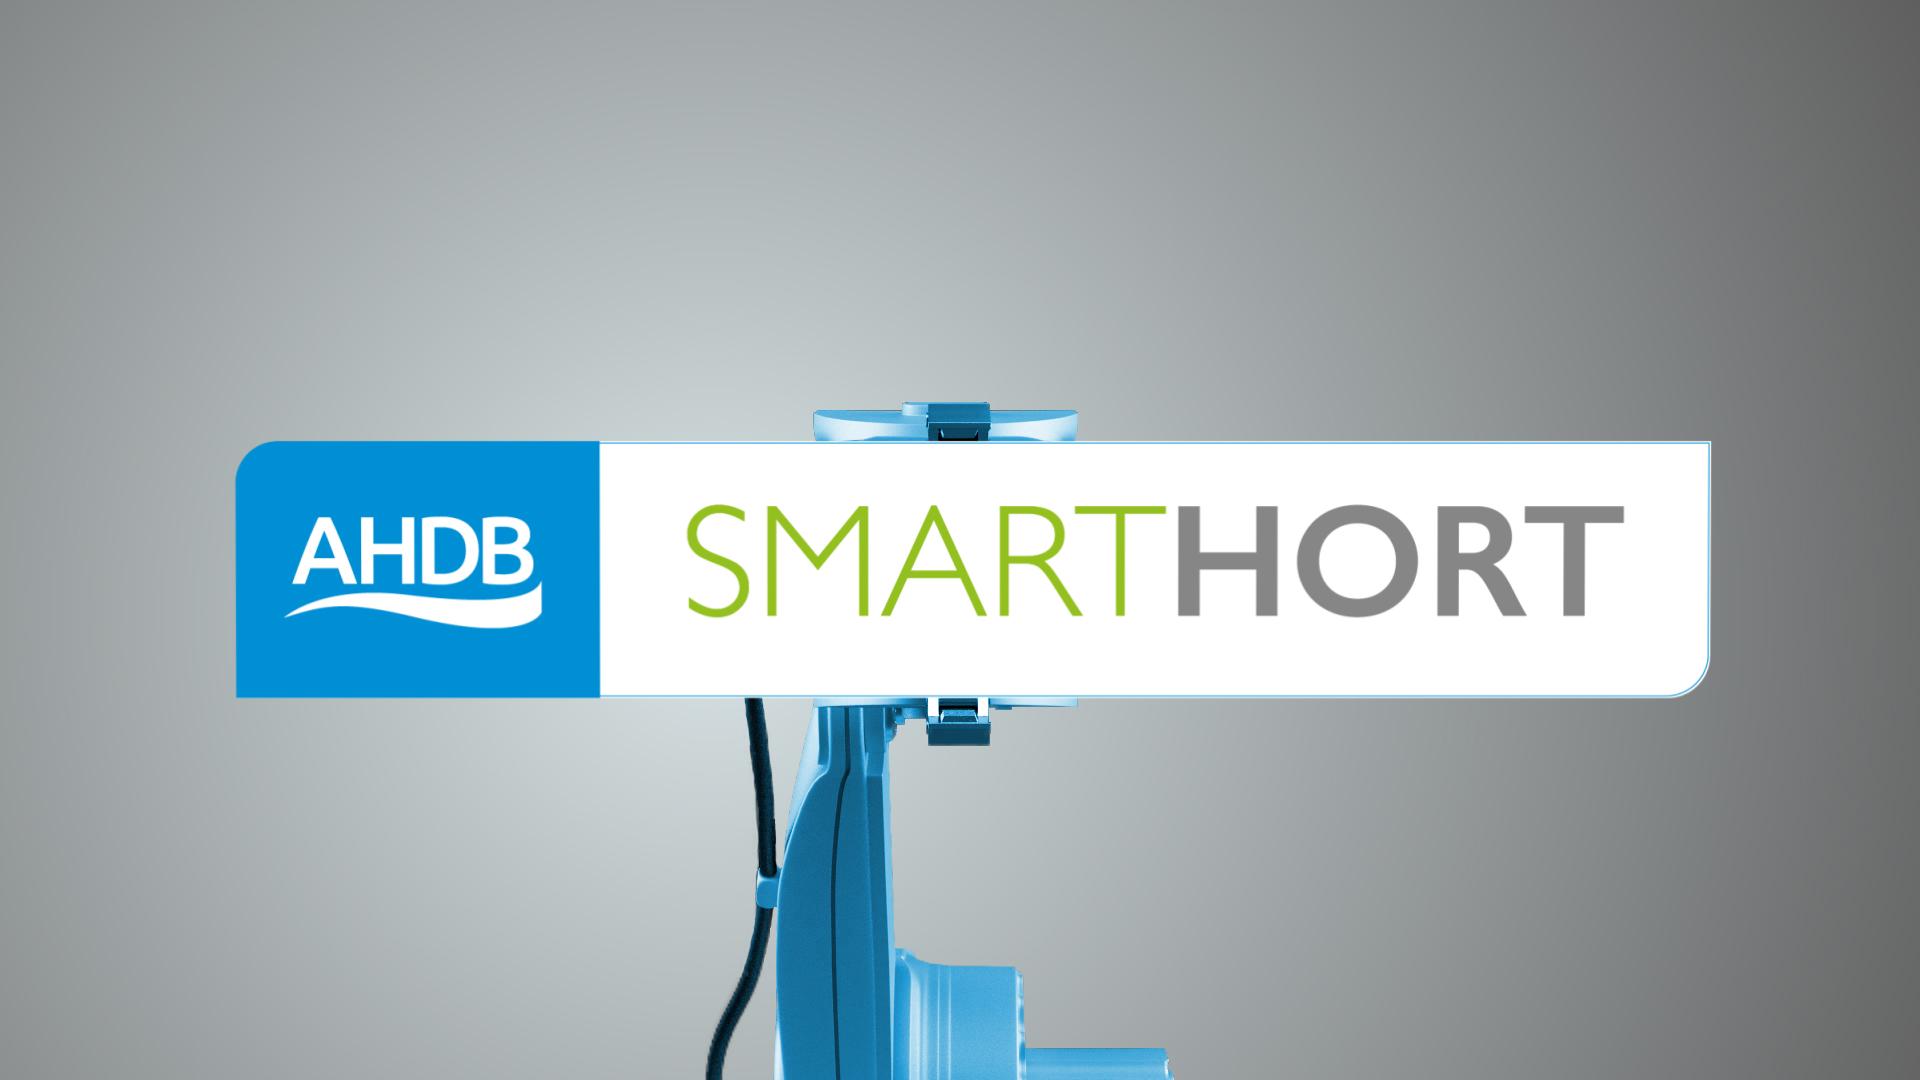 AHDB. SMARTHORT.